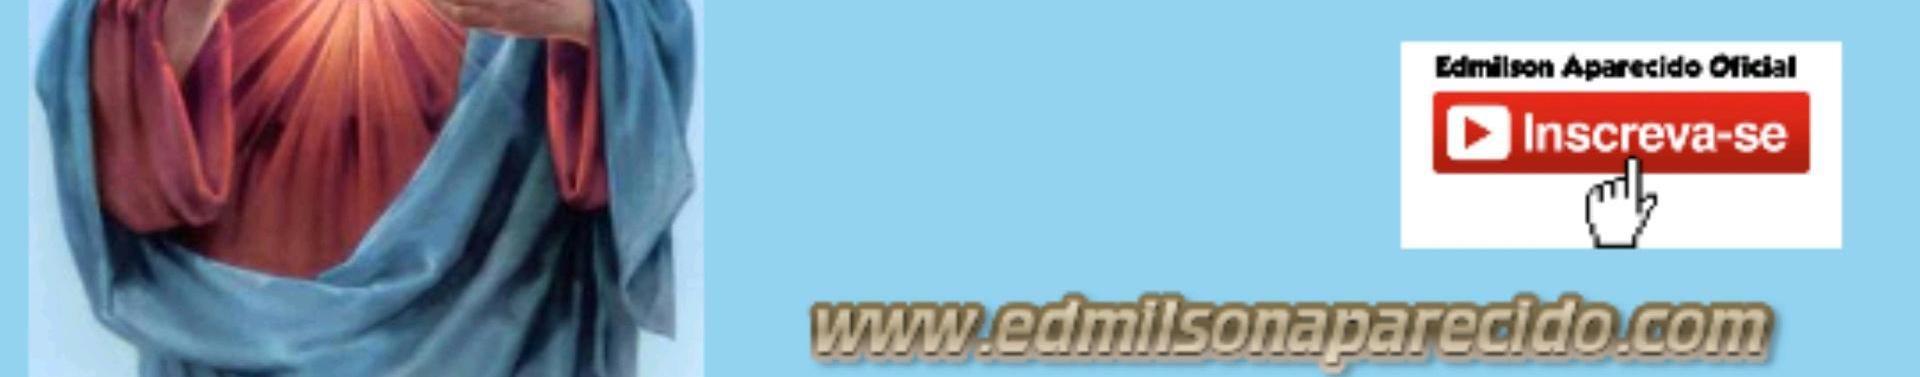 Imagem de capa de Edmilson Aparecido